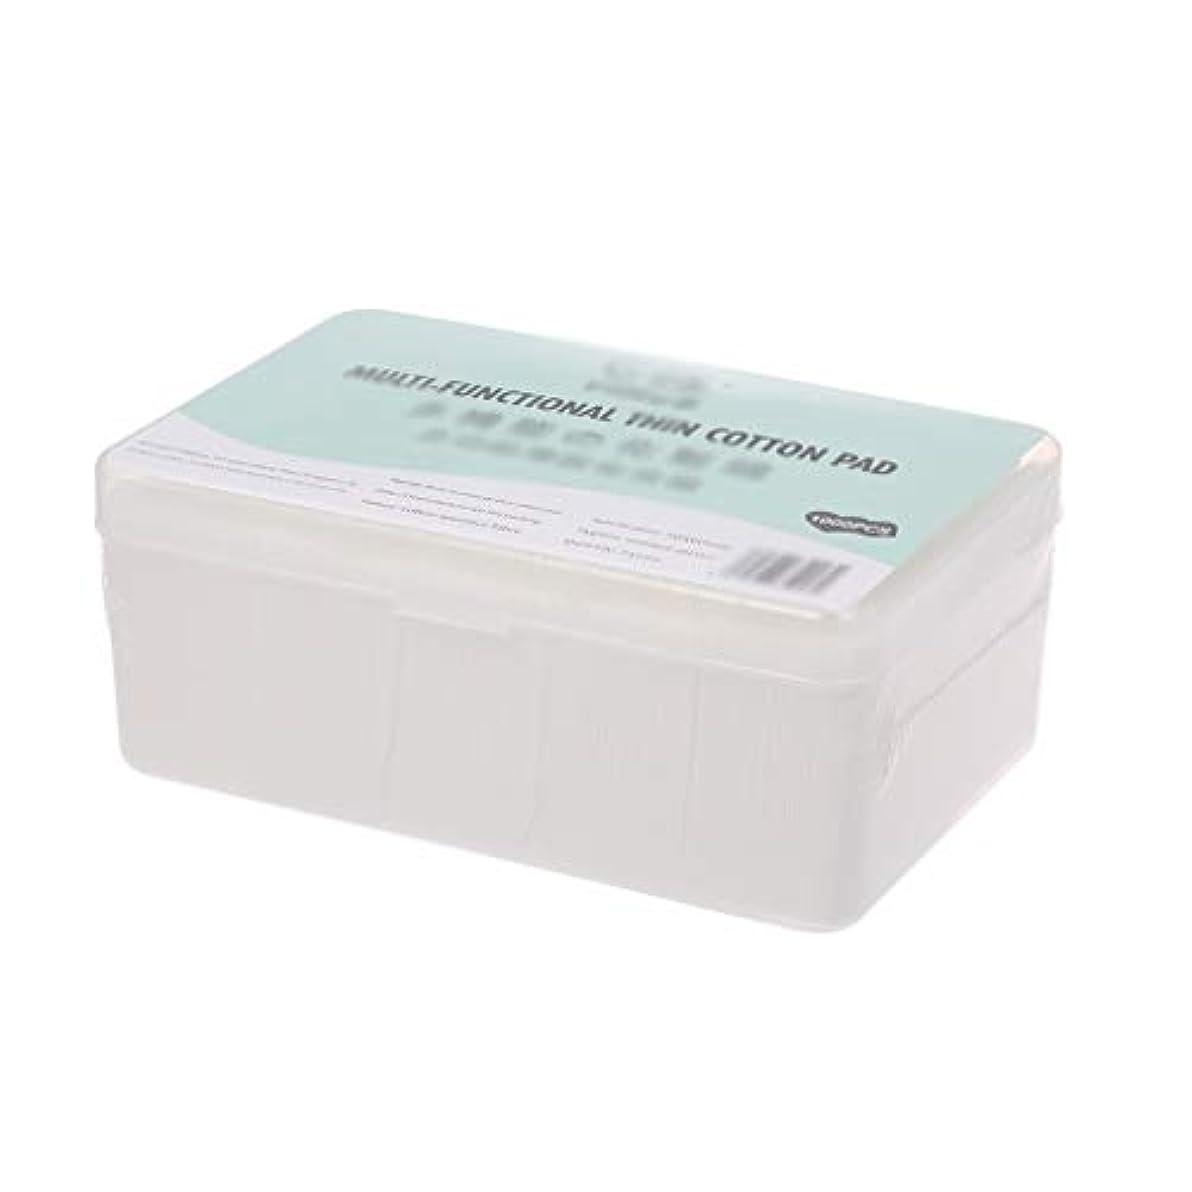 左奪う乞食クレンジングシート 1000ピース箱入り使い捨て超薄型コットンメイク落としネイルポリッシュリムーバークレンジングティッシュペーパーペーパー (Color : White, サイズ : 5*6cm)